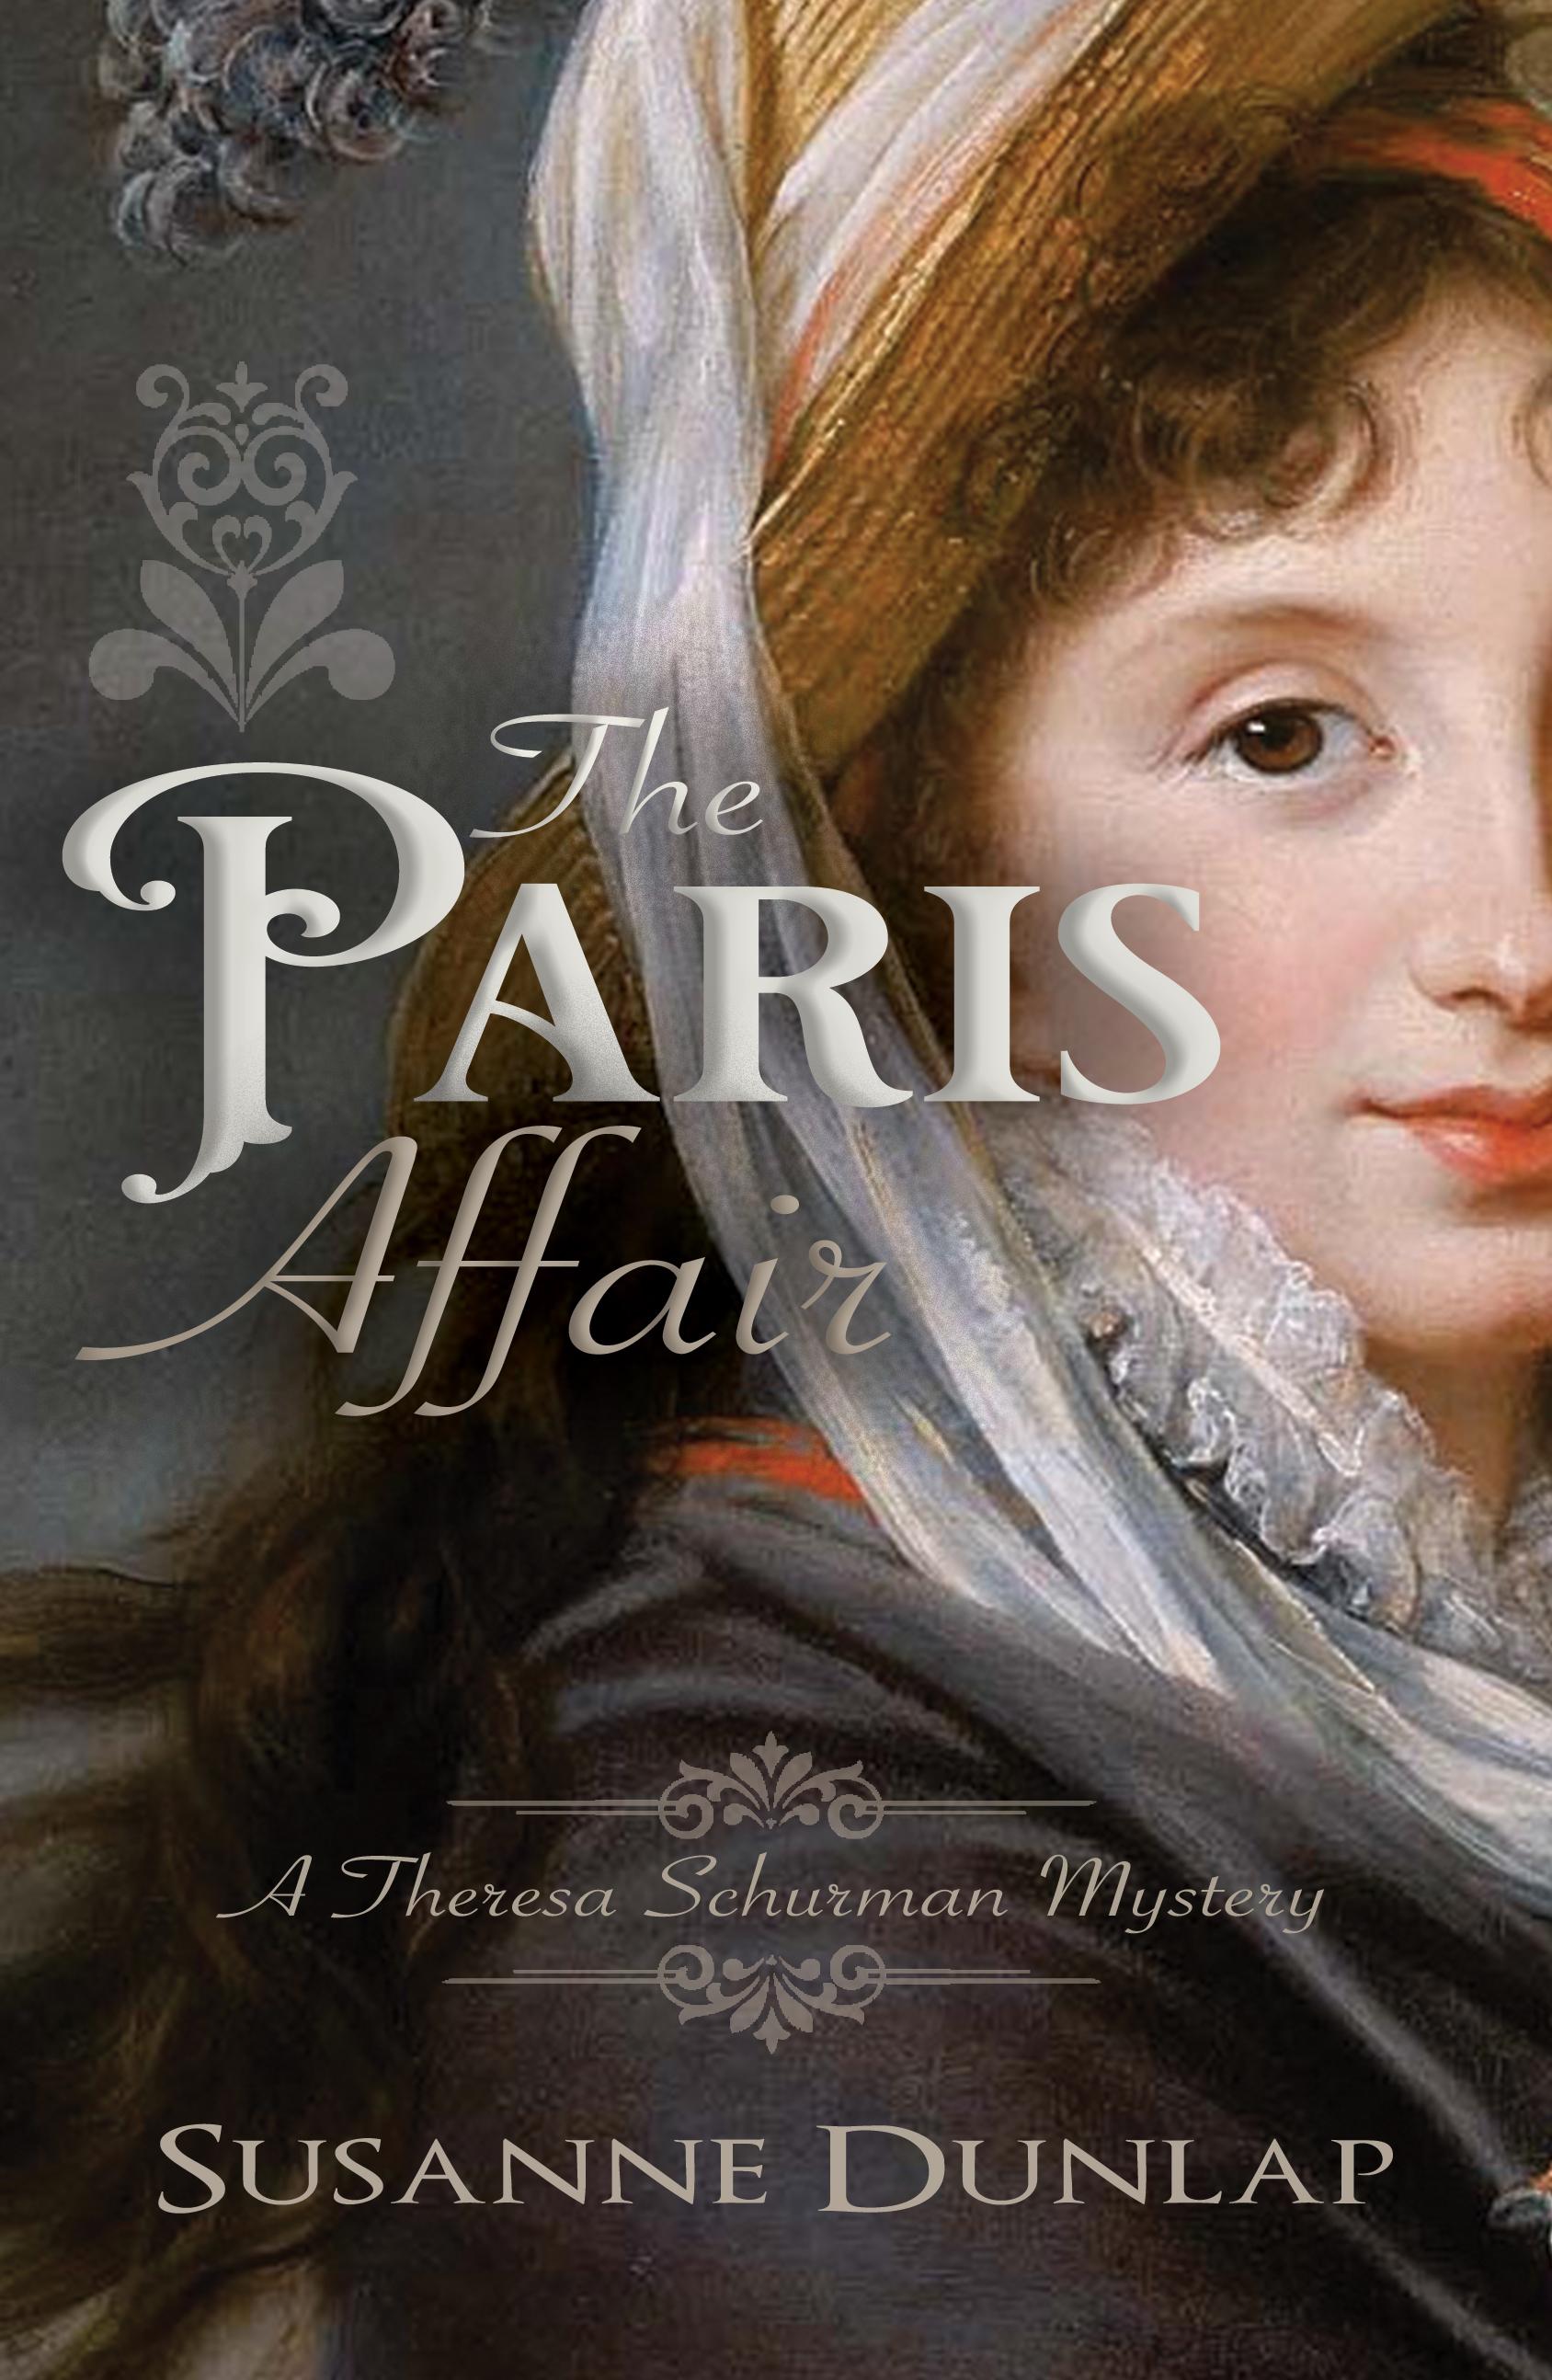 The Paris Affair by Susanne Dunlap